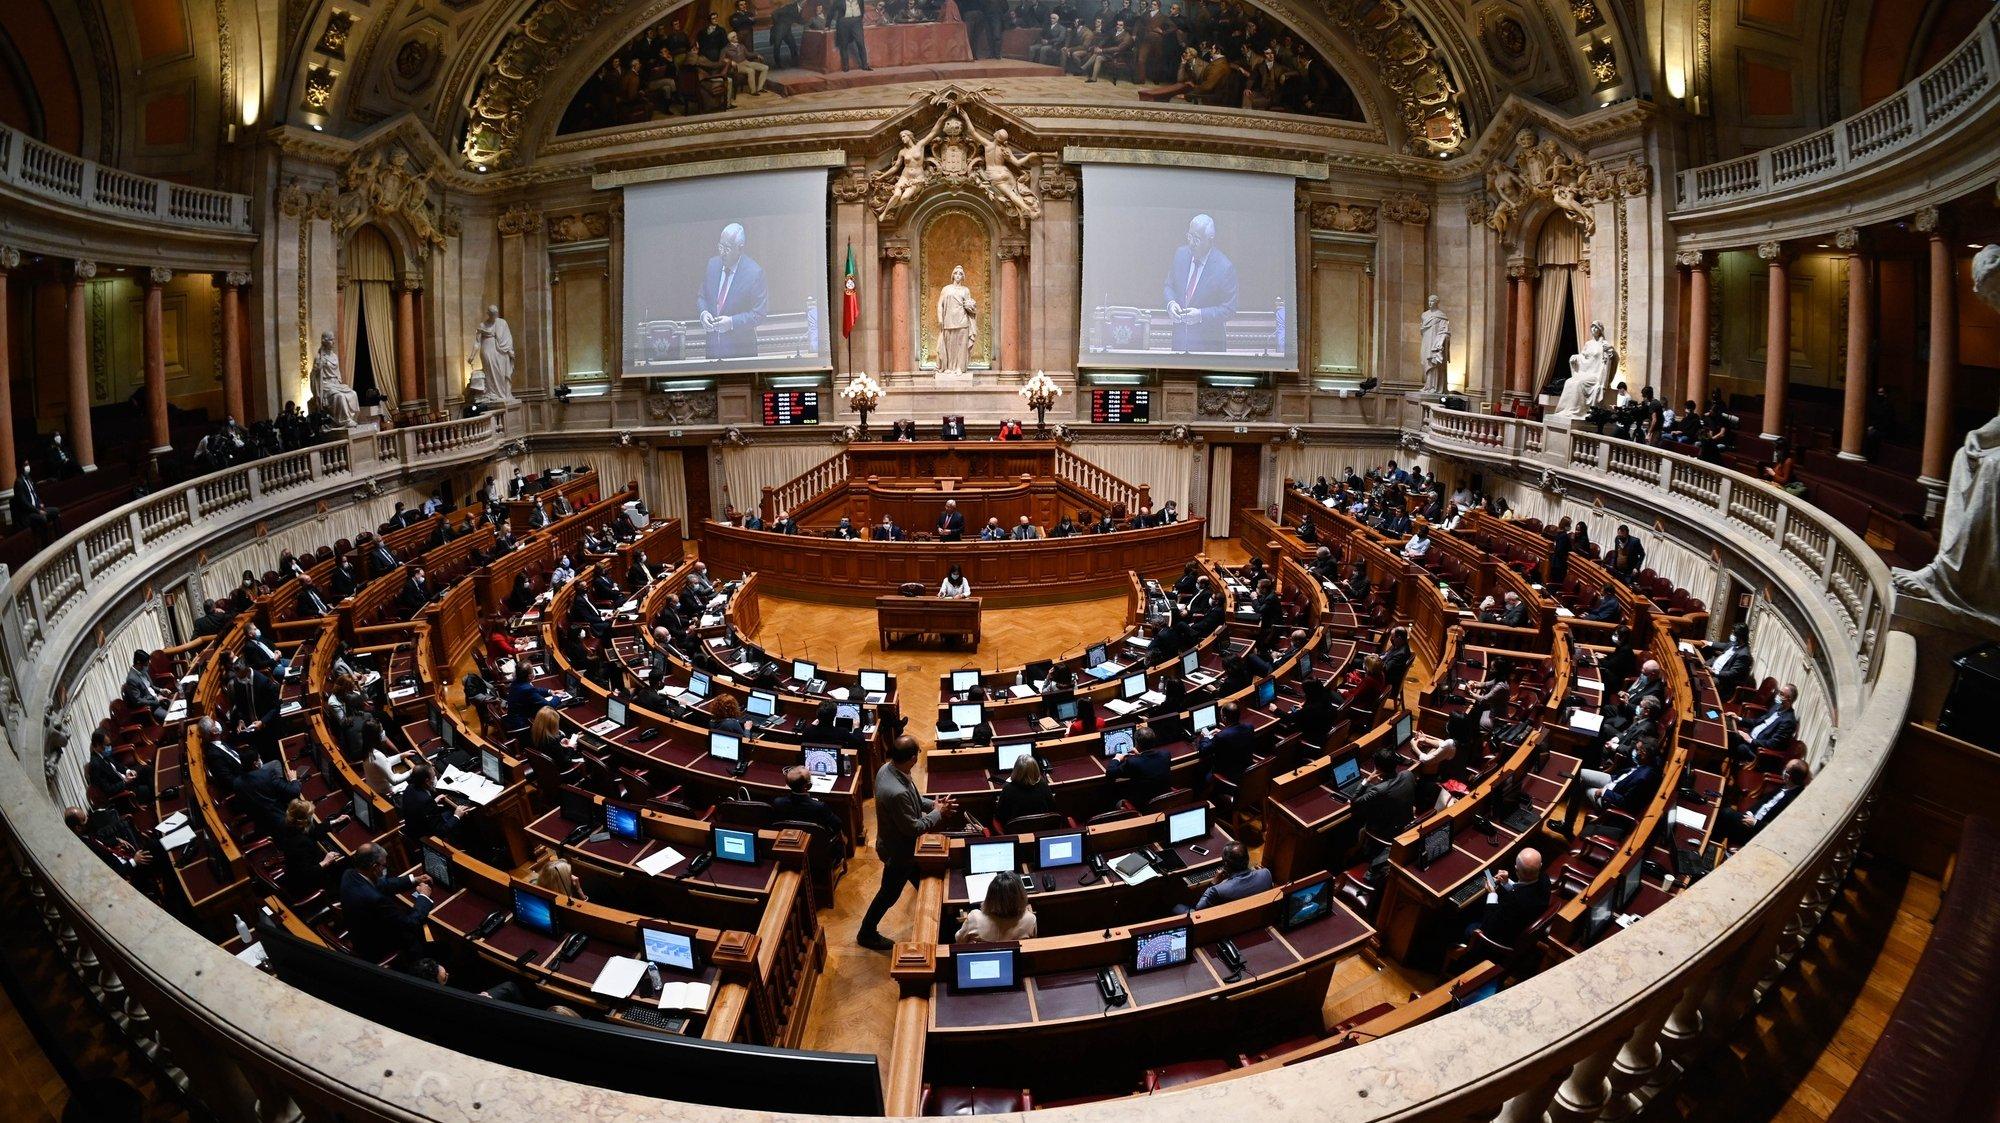 O primeiro-ministro, António Costa, intervém durante o debate parlamentar de discussão na generalidade do Orçamento do Estado para 2021 (OE2021), na Assembleia da República, em Lisboa, 27 de outubro de 2020. ANTÓNIO COTRIM/LUSA